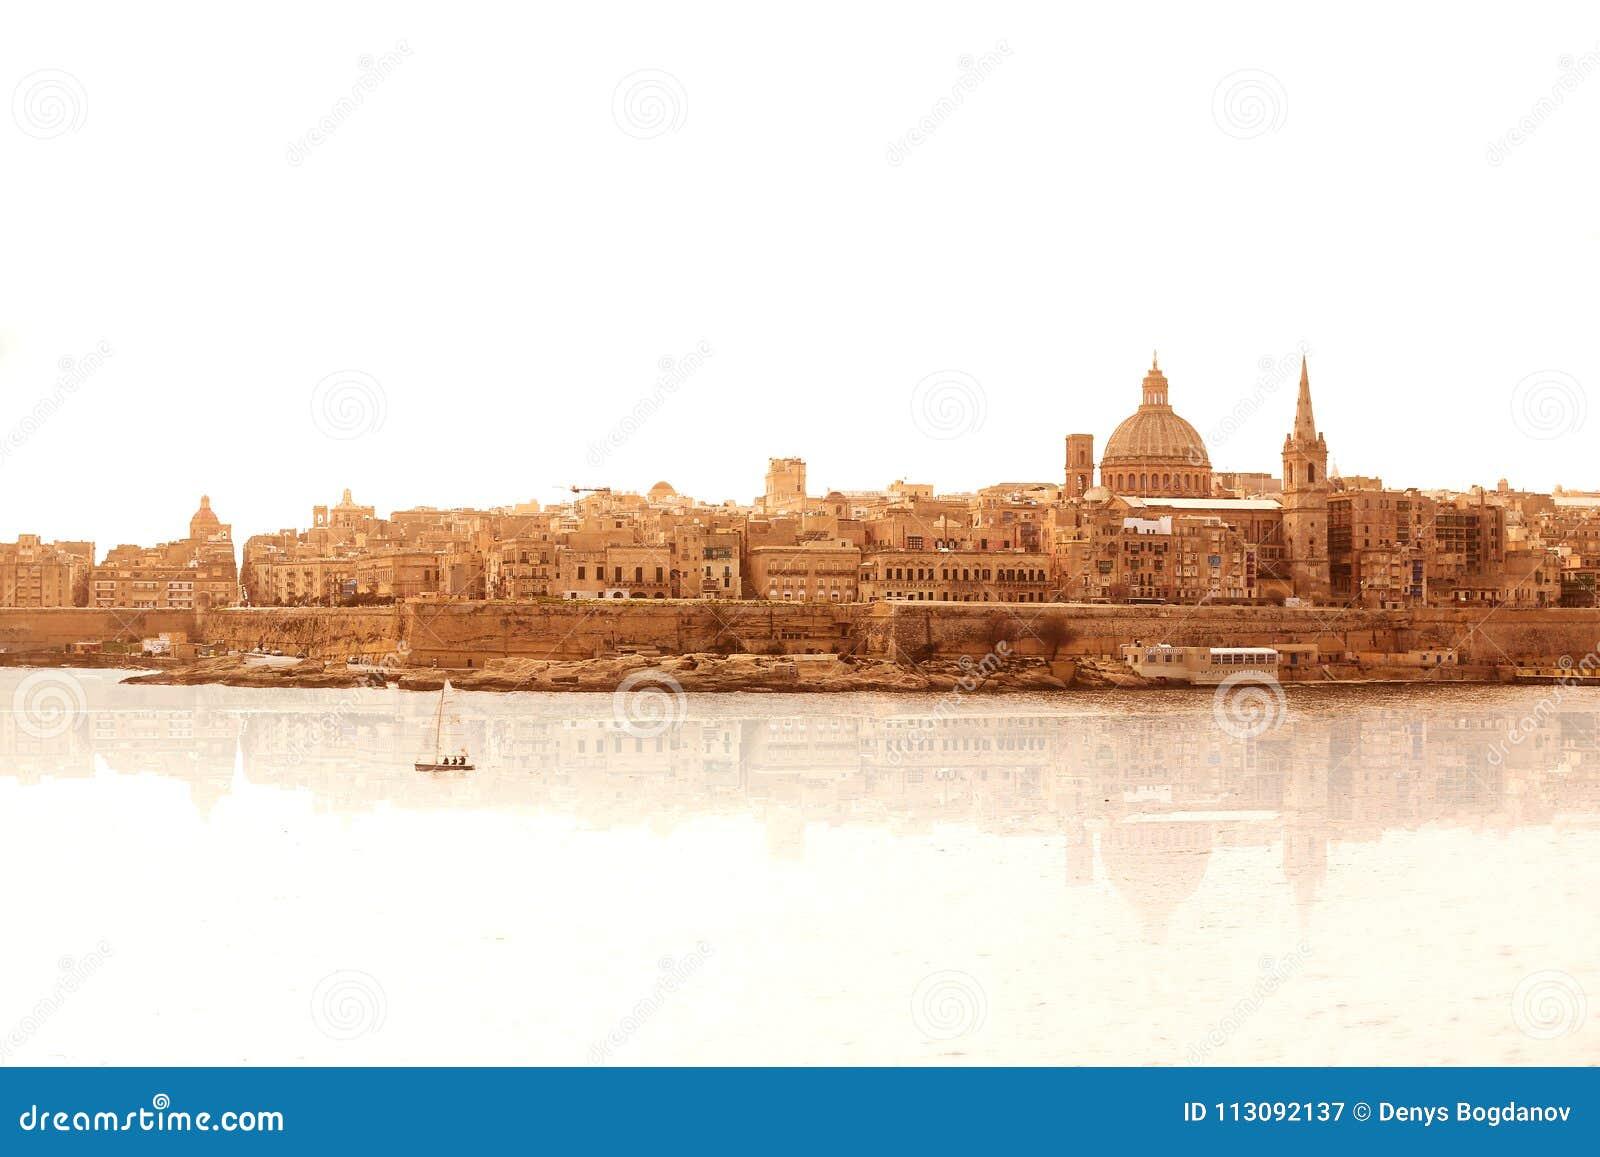 Μια καταπληκτική πανοραμική άποψη μιας αρχαίας πρωτεύουσας Valletta στη Μάλτα με την αντανάκλαση από το στο νερό